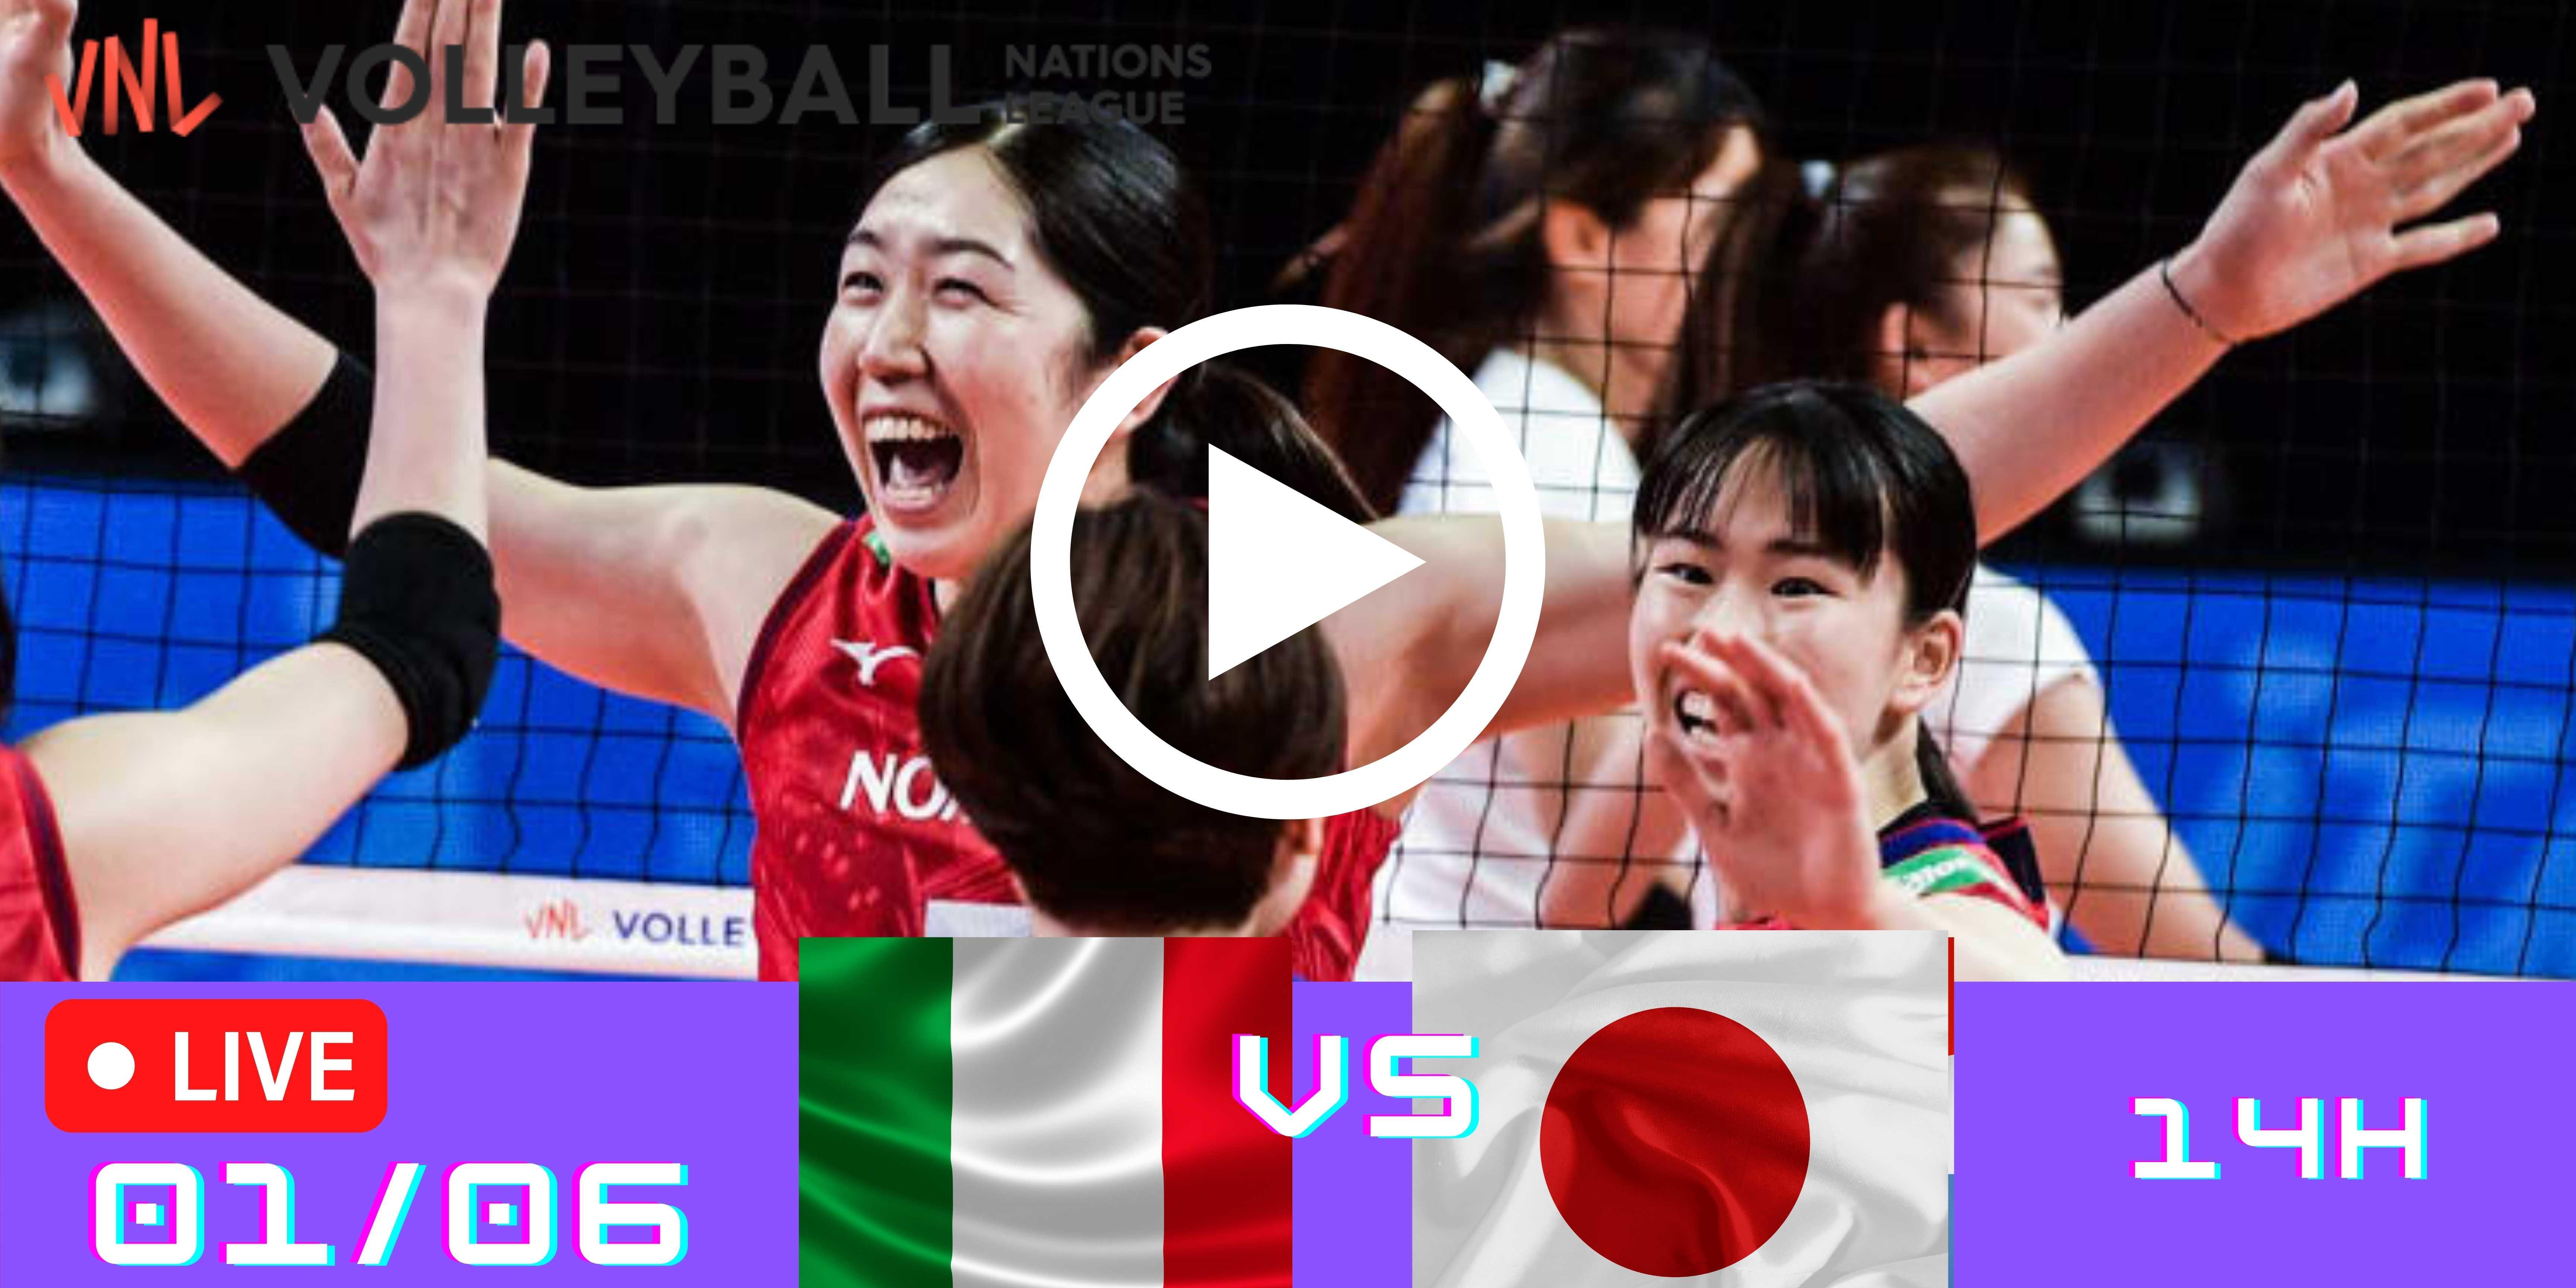 Resultado: Itália vs Japão – Liga das Nações – 01/06/2021